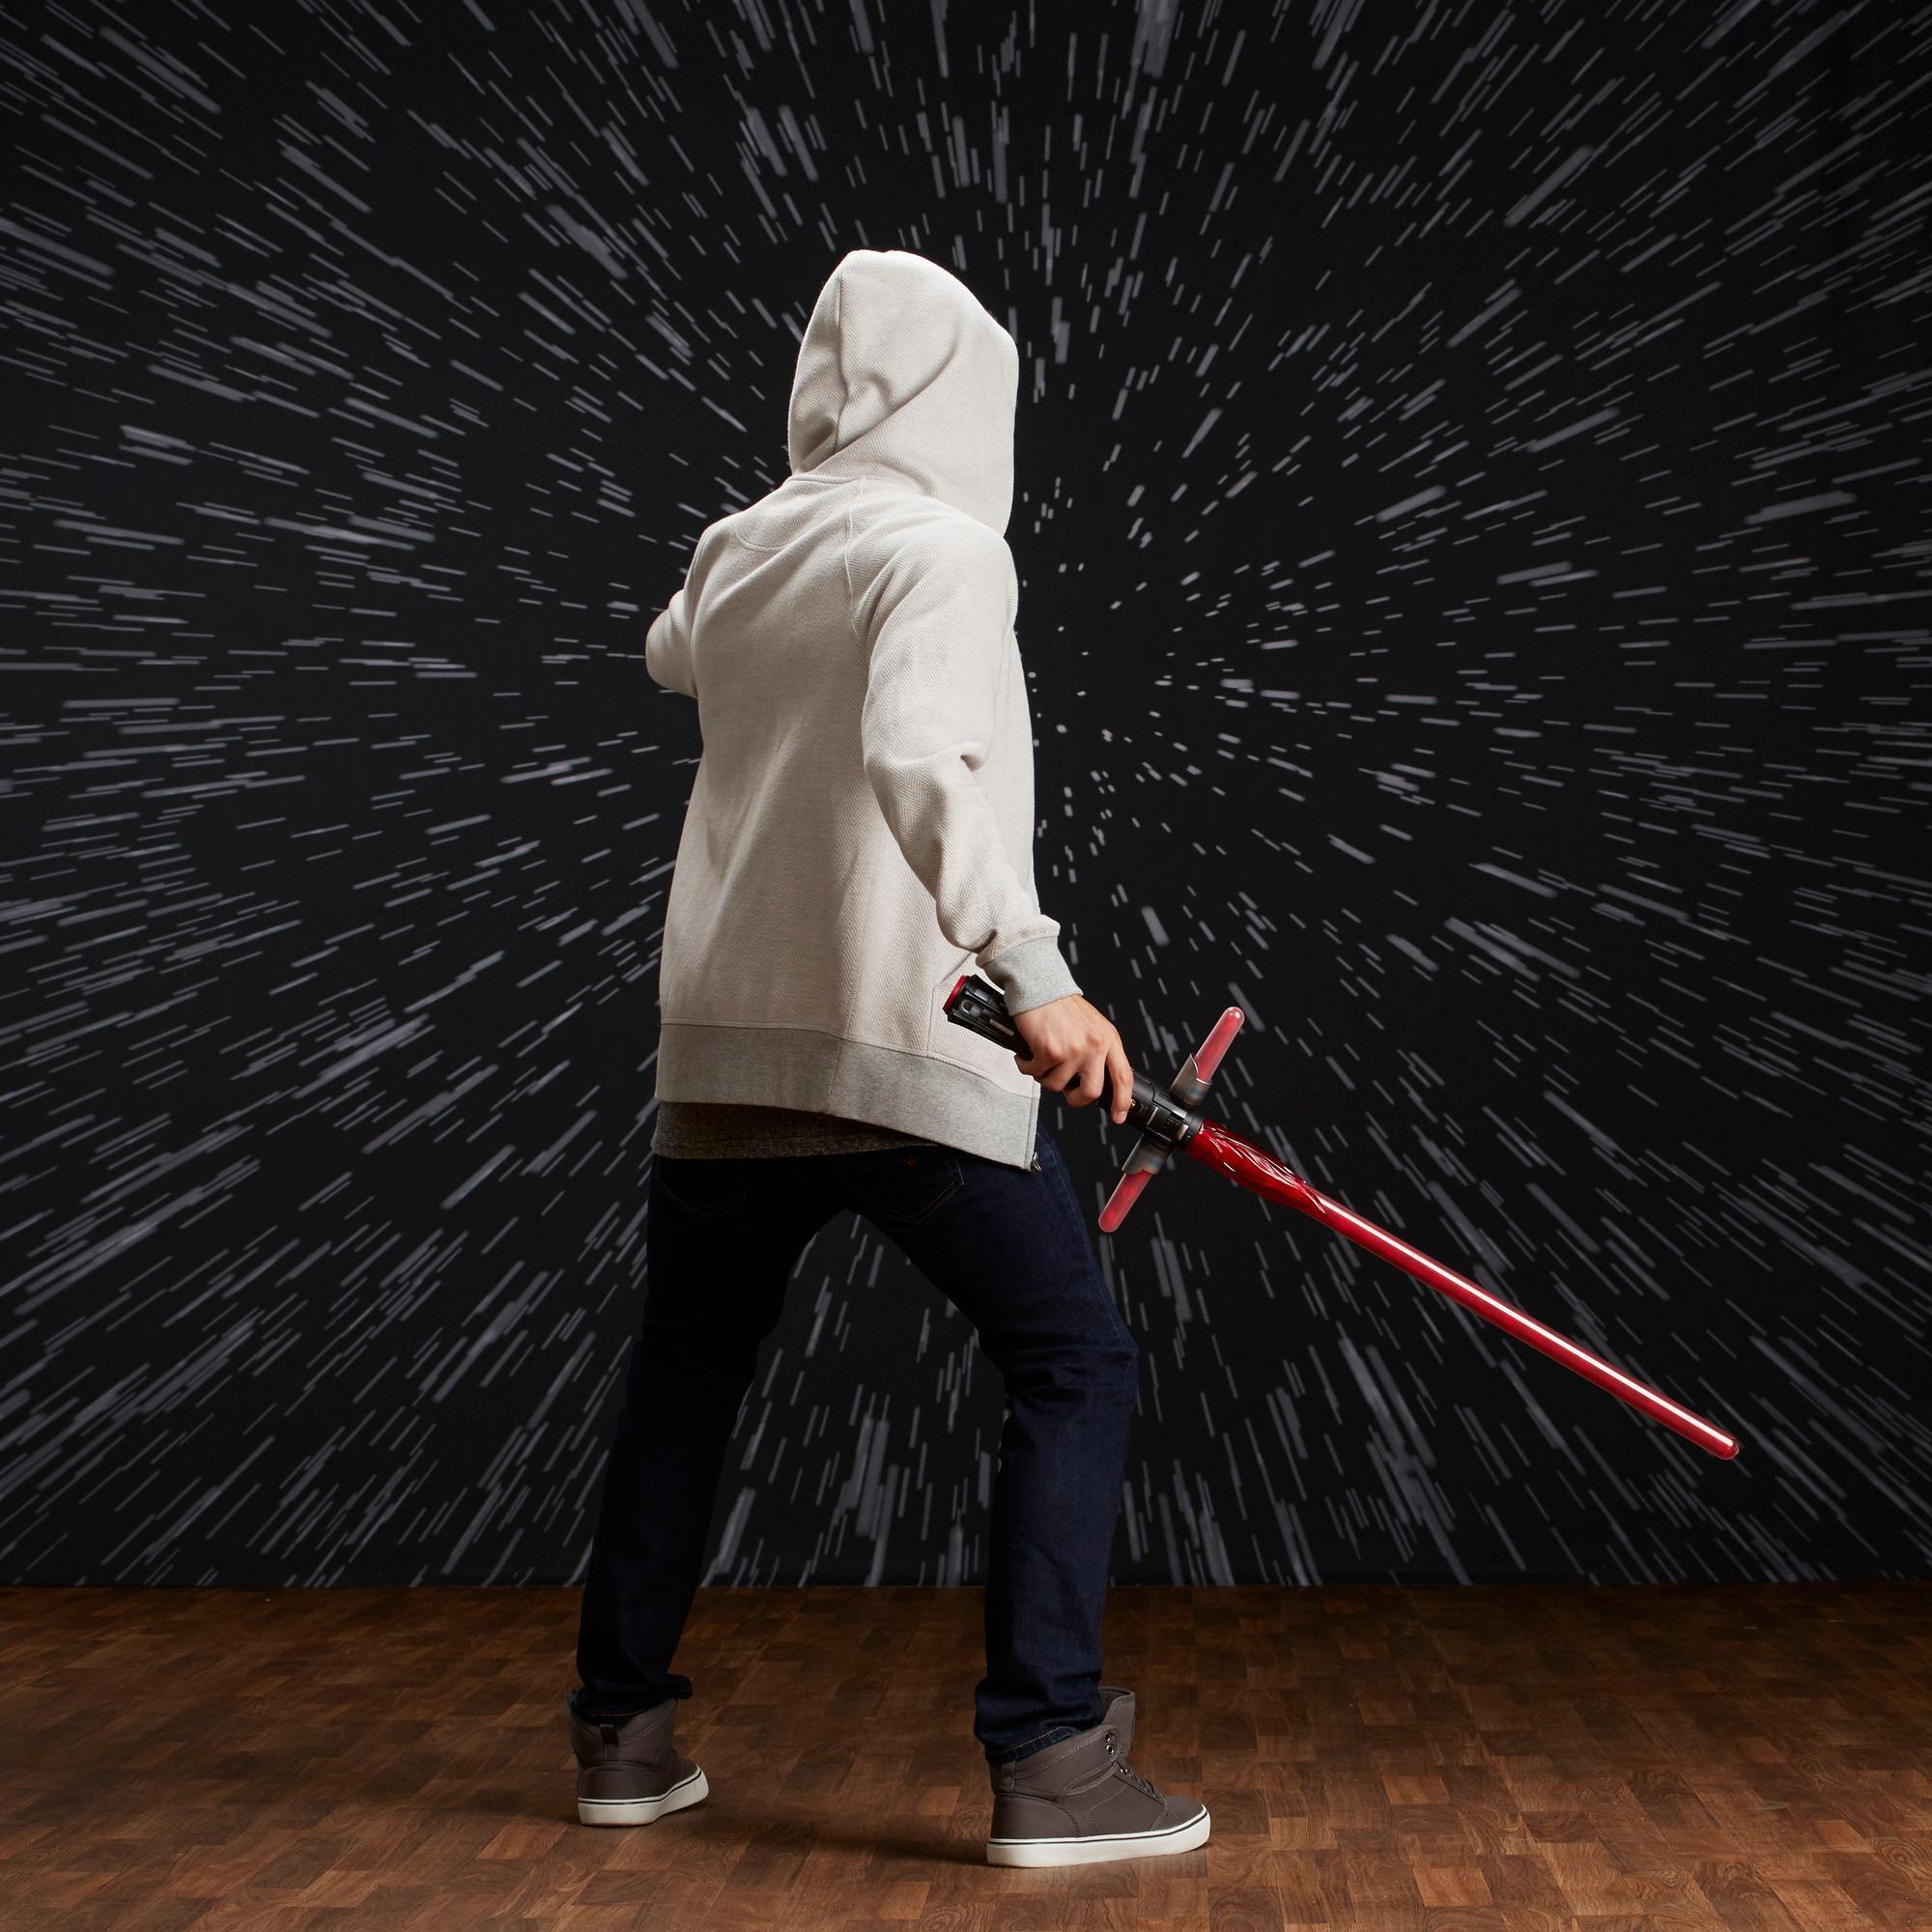 Star Wars Bladebuilders Kylo Ren Deluxe Electronic Lightsaber